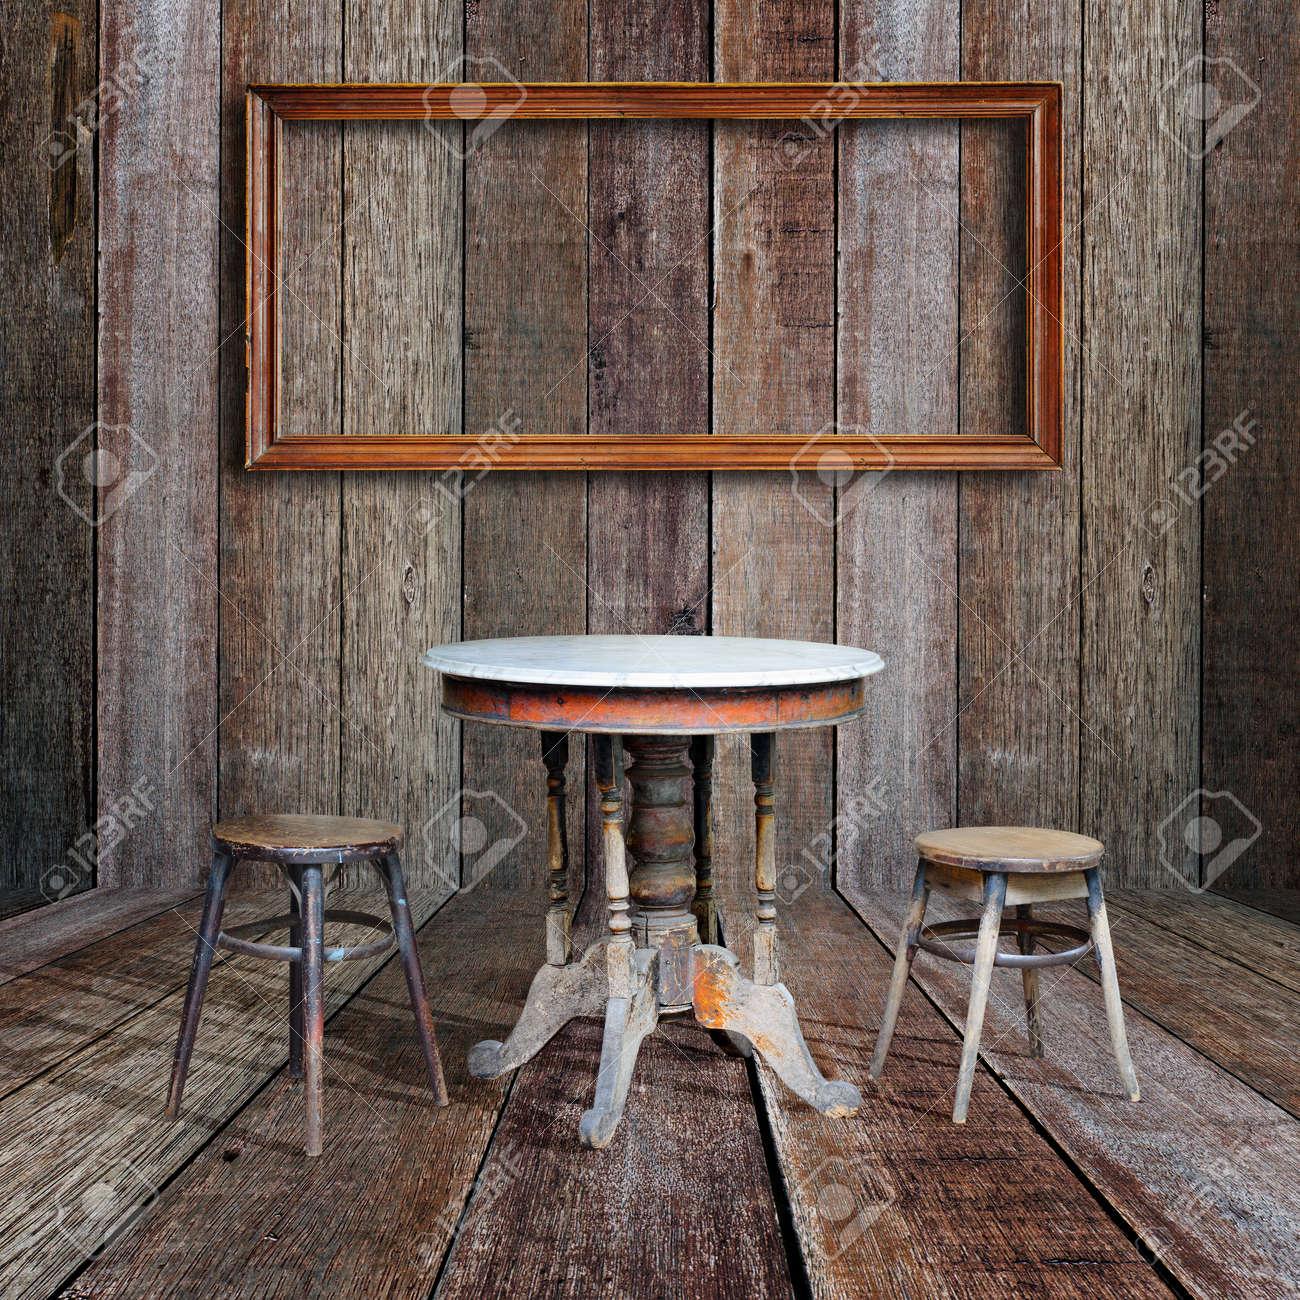 Bilderrahmen Und Möbel Im Vintage Holz Zimmer Standard Bild   16357375